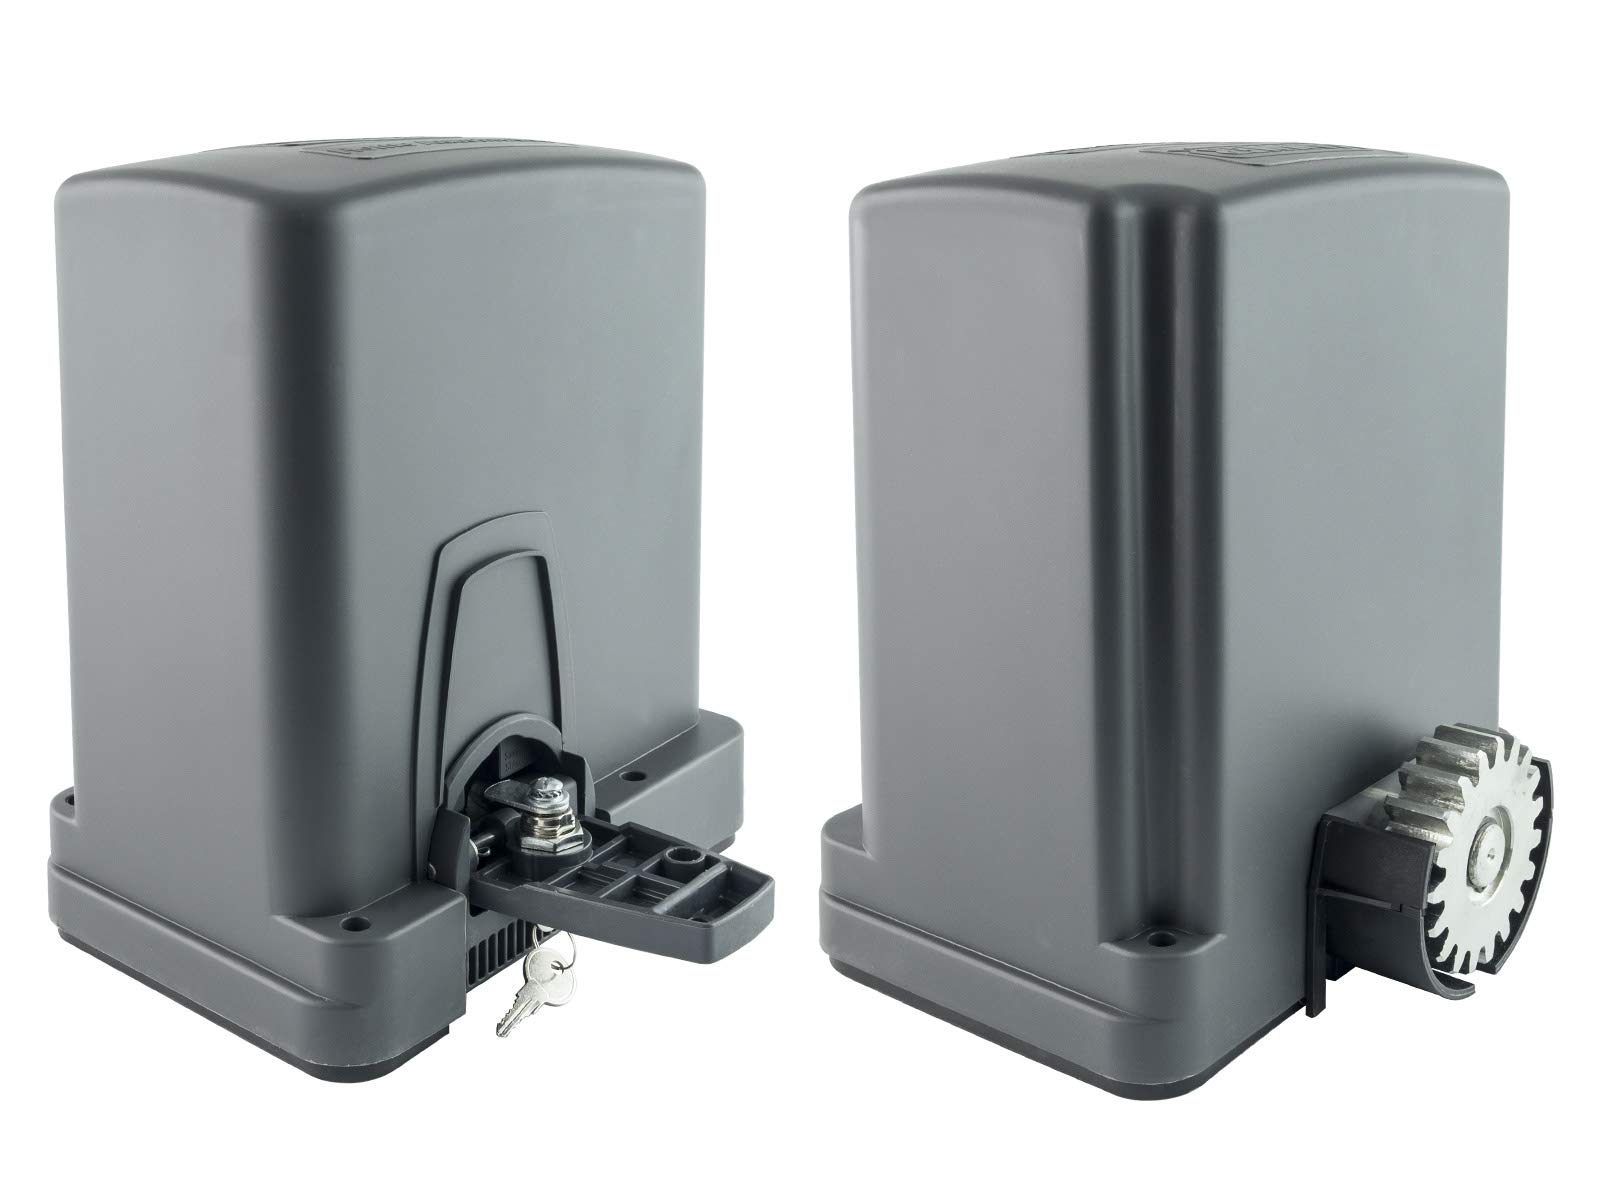 Sommer STArter - Motor de puerta corredera (400 kg, módulo WLAN GATE para aplicación de smartphone, barrera de luz 7020, luz de advertencia 5069, 5 en 1 A, comprobador de corriente ADAMS): Amazon.es: Bricolaje y herramientas